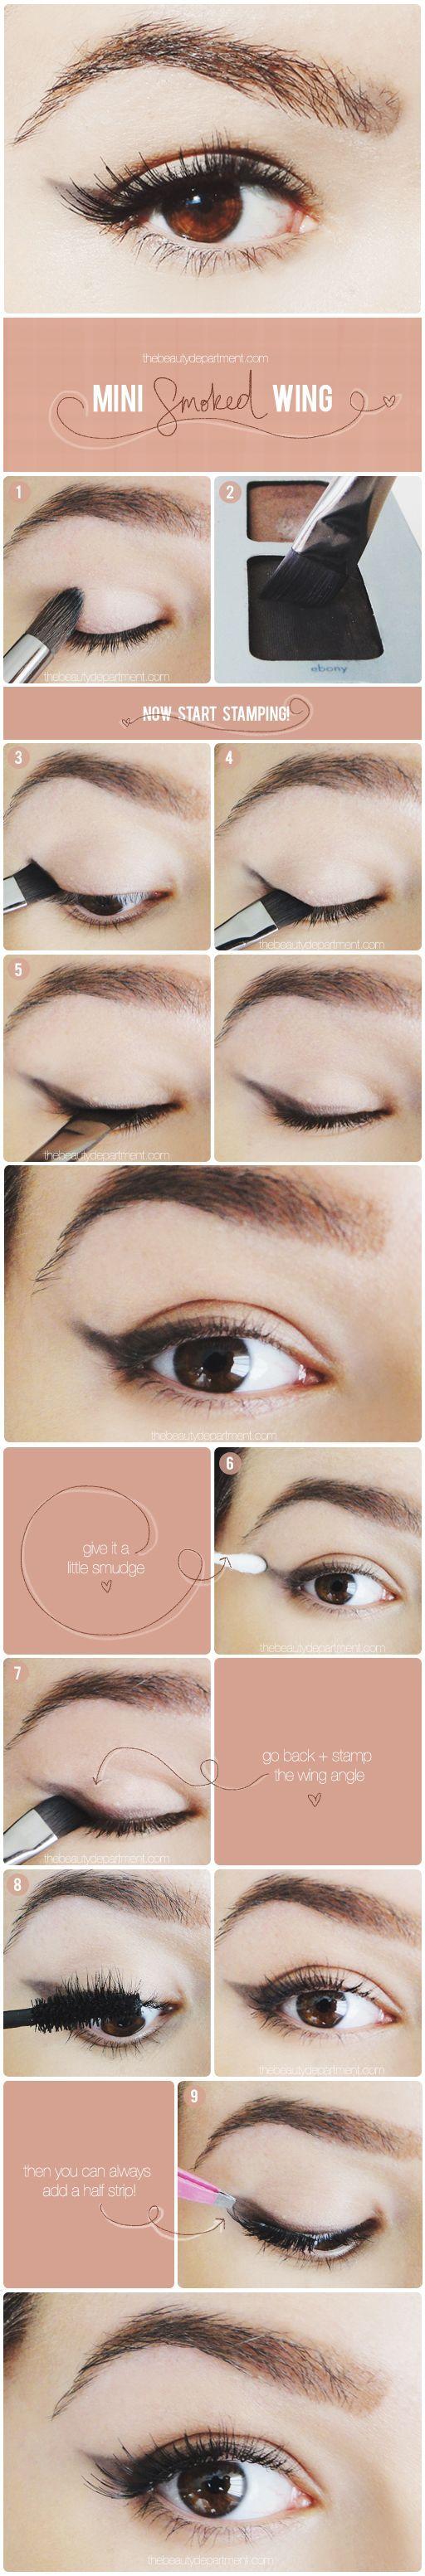 En mjukare variant på eyeliner är att göra med skugga istället för en flytande, perfekt till vardags! Bilder från The Beauty Department.